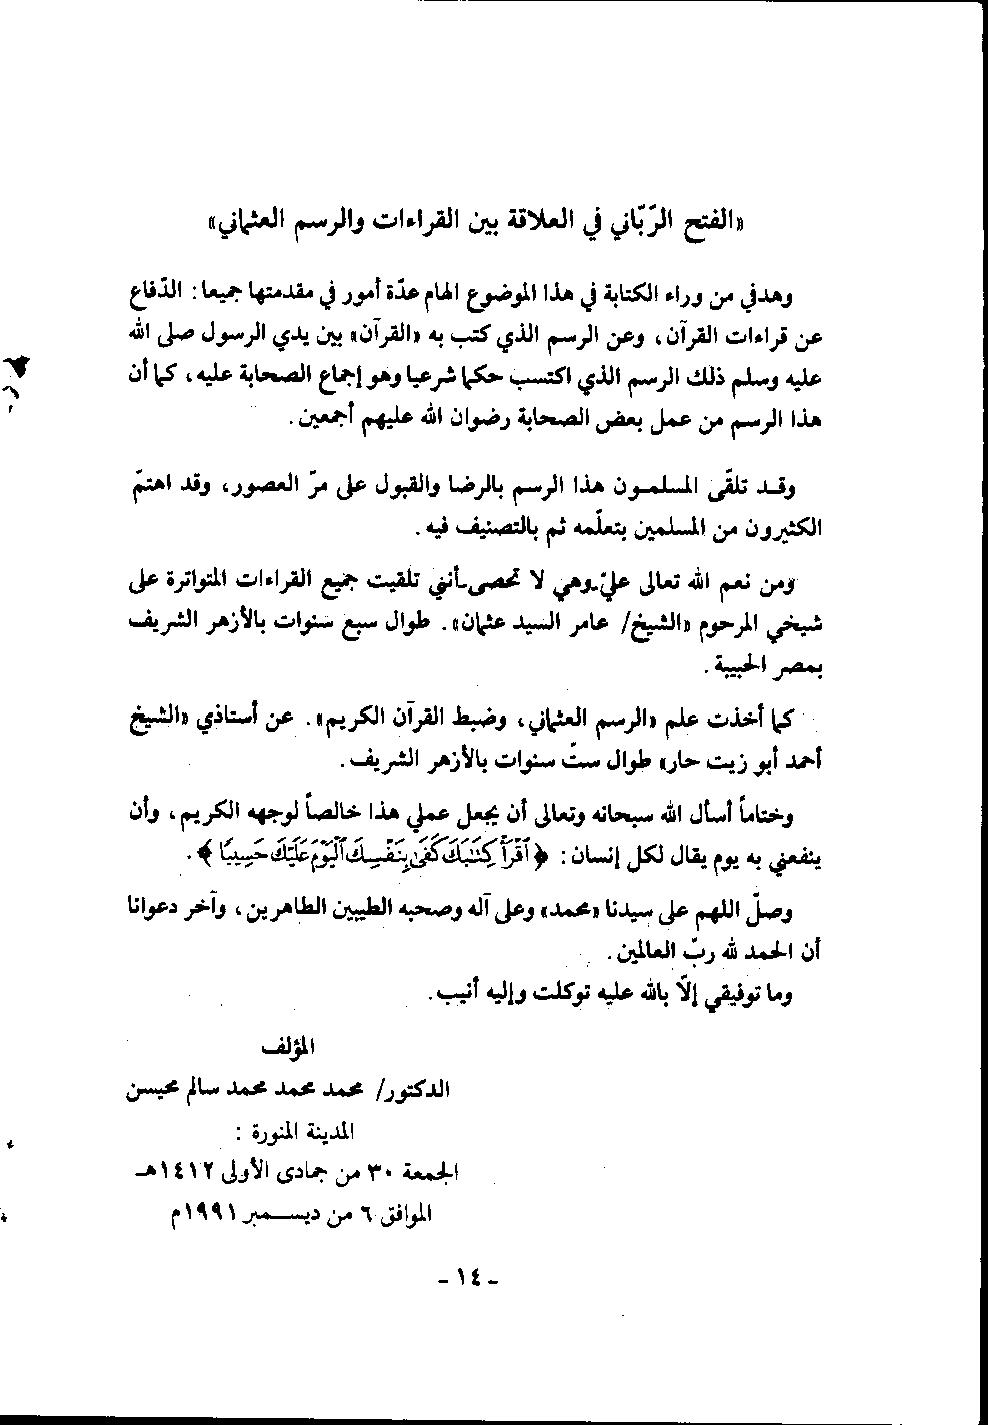 تحميل كتاب الفتح الرباني في علاقة القراءات بالرسم العثماني لـِ: الدكتور محمد محمد محمد سالم محيسن (ت 1422)